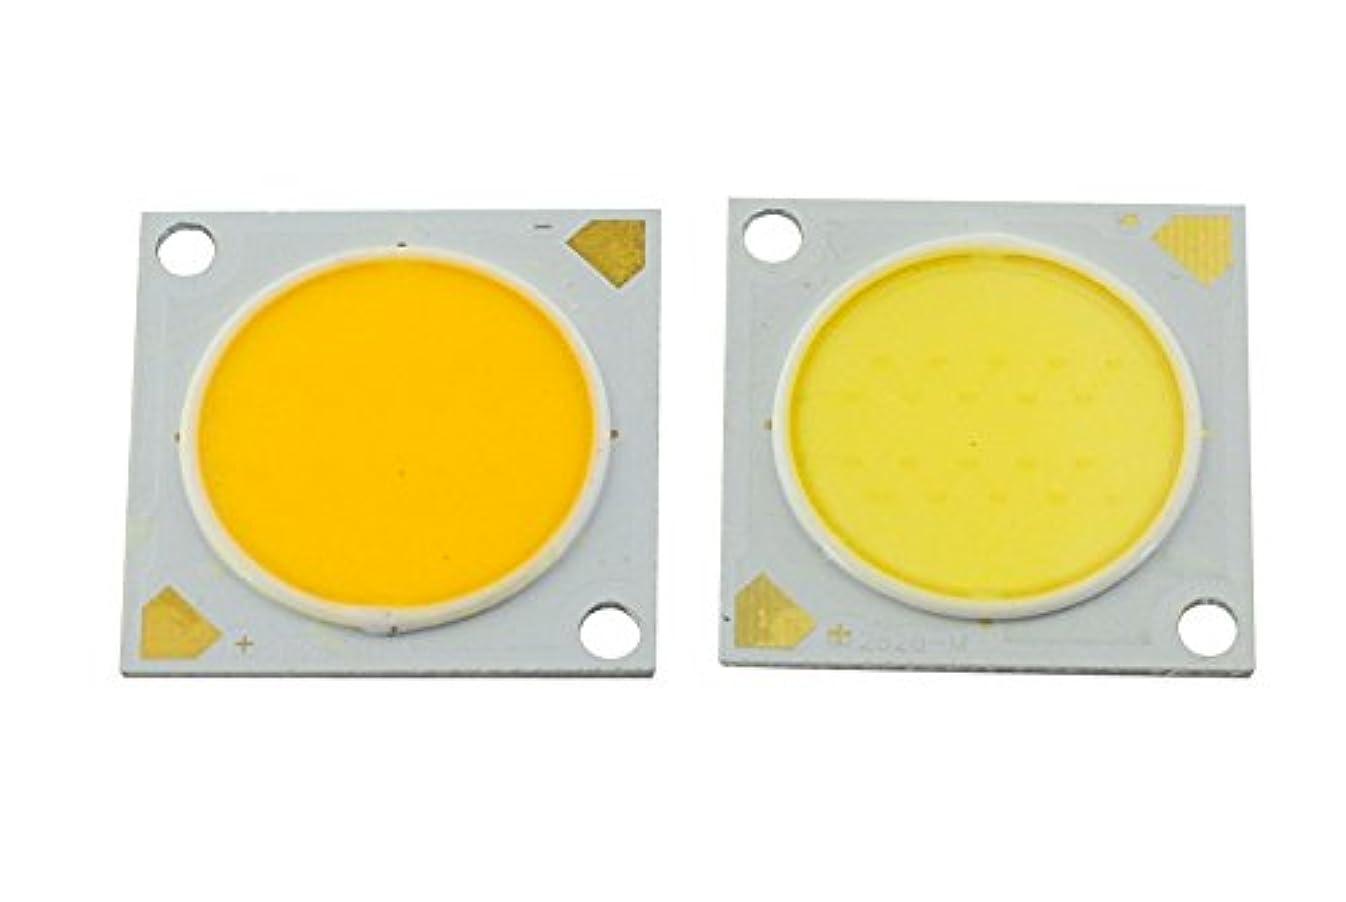 脚複雑な魔術(White) - Bsod 10W LED COB chip DC 30-33V 300mA Diameter23mm led lamp beads White high CRI surface LED light source...